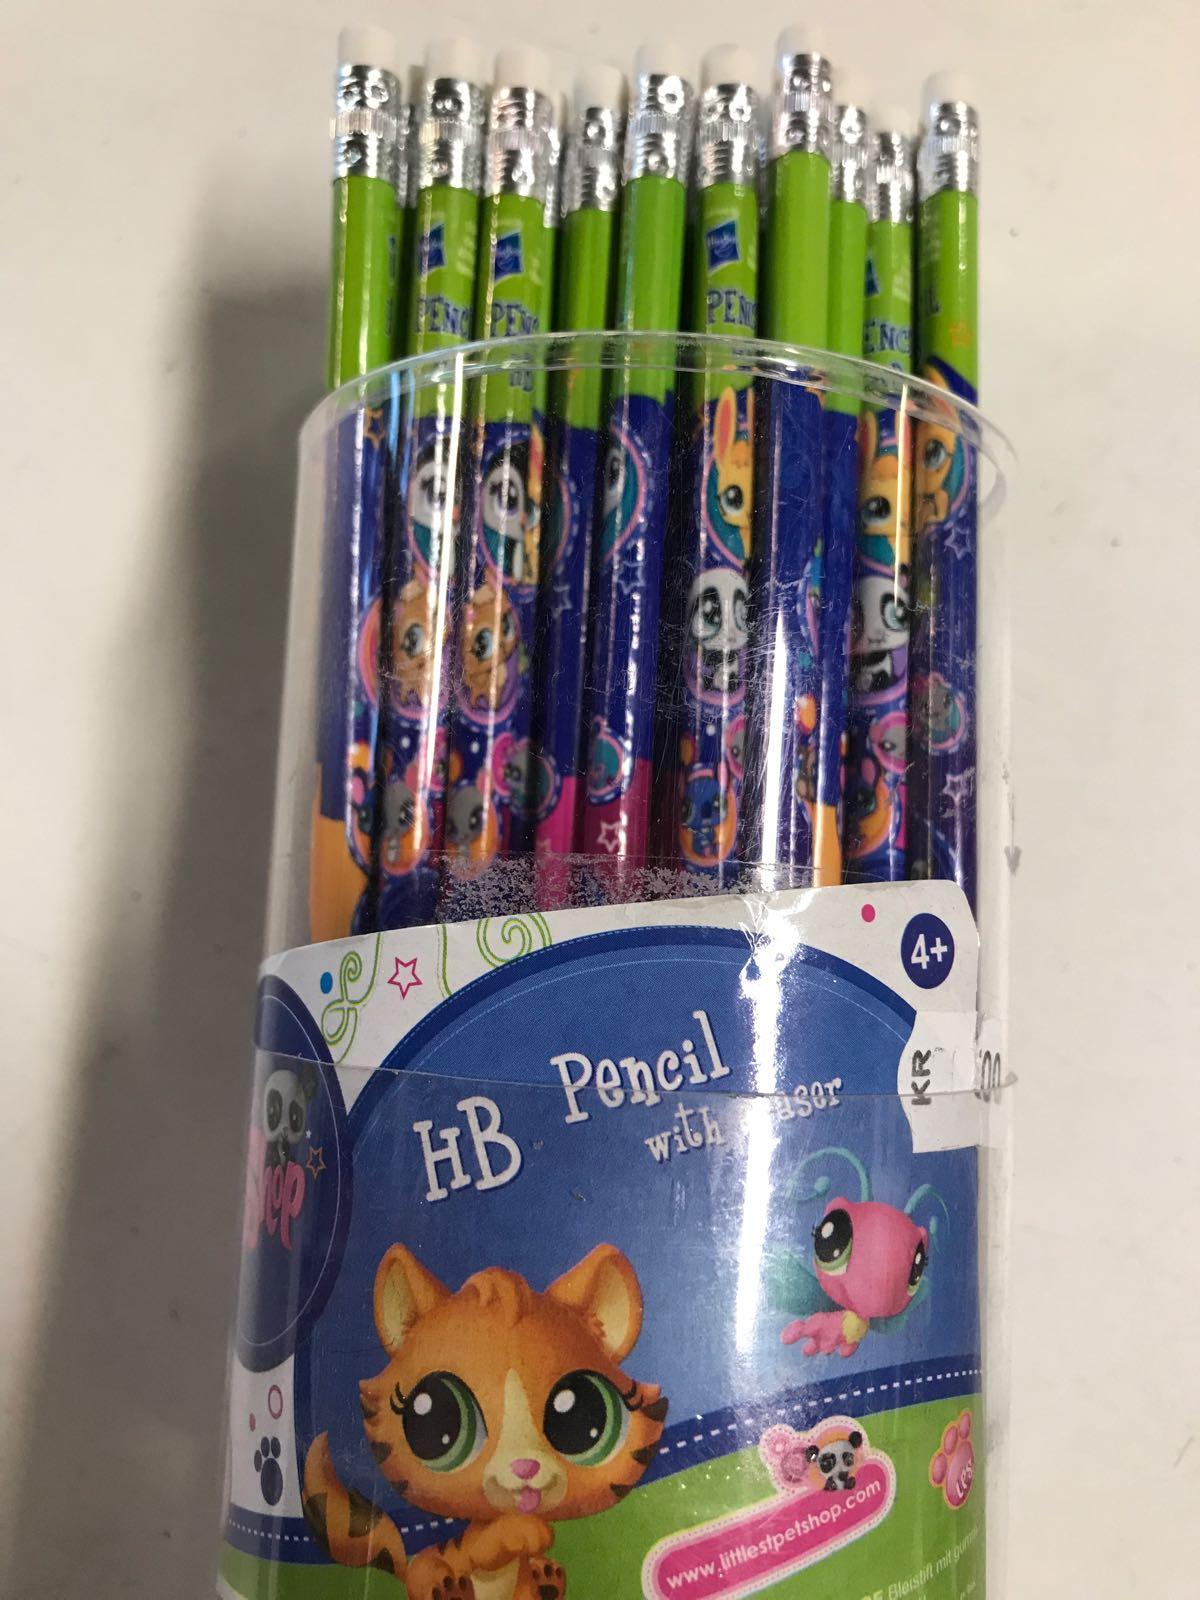 Petshop penna